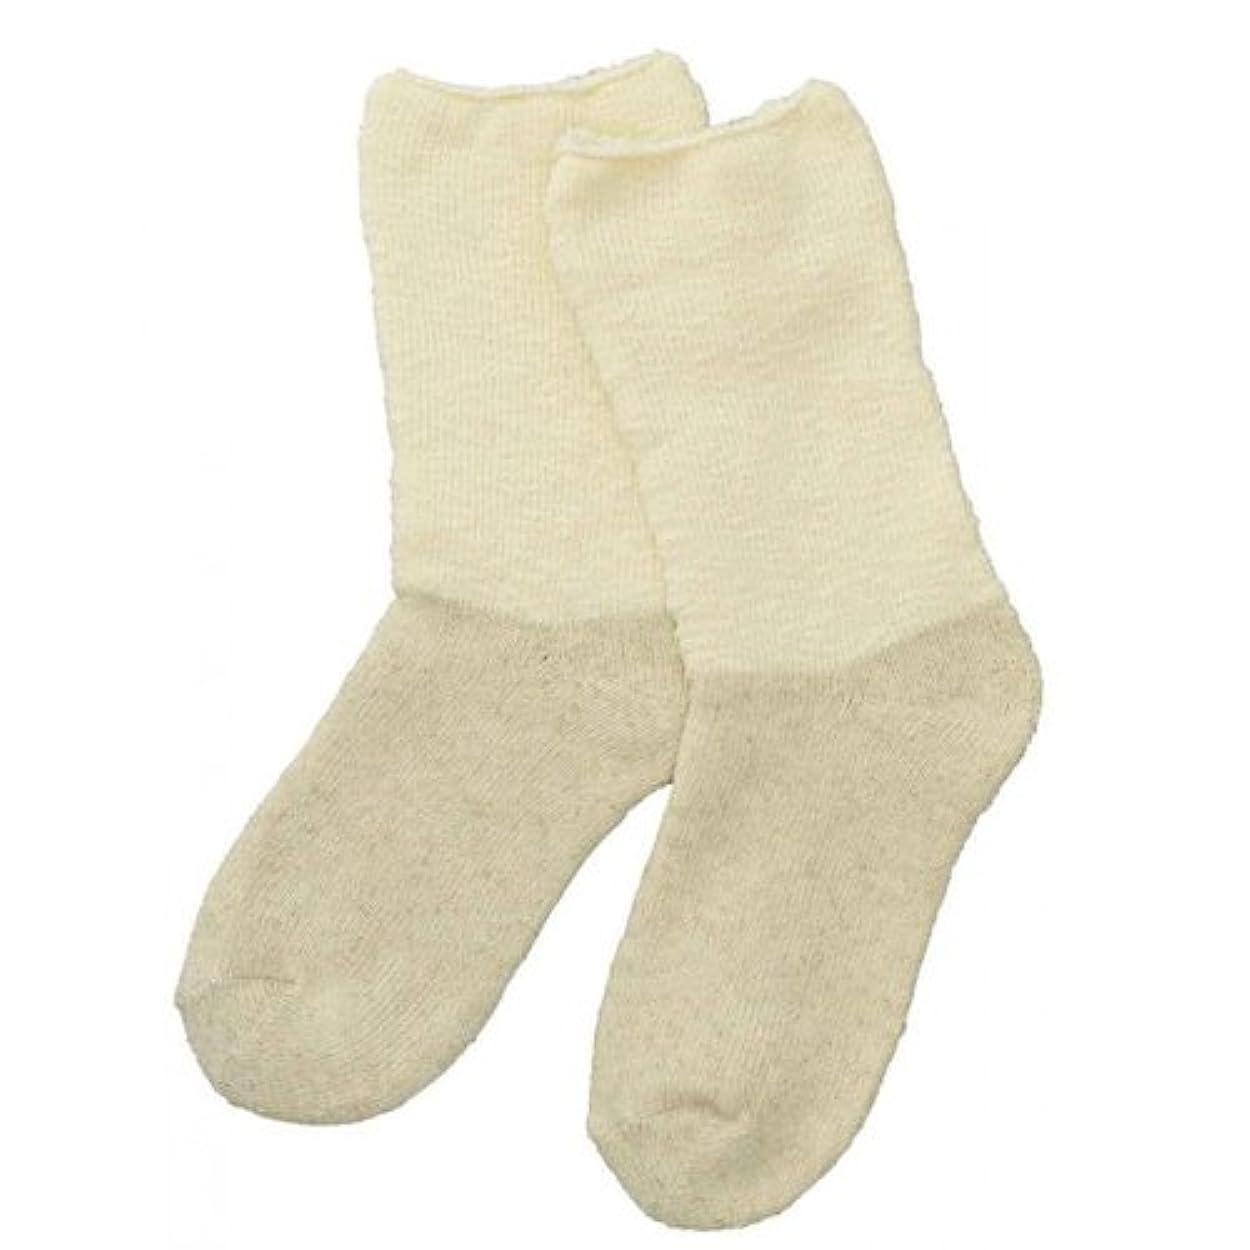 Carelance(ケアランス)お風呂上りのやさしい靴下 綿麻パイルで足先さわやか 8706CA-31 クリーム